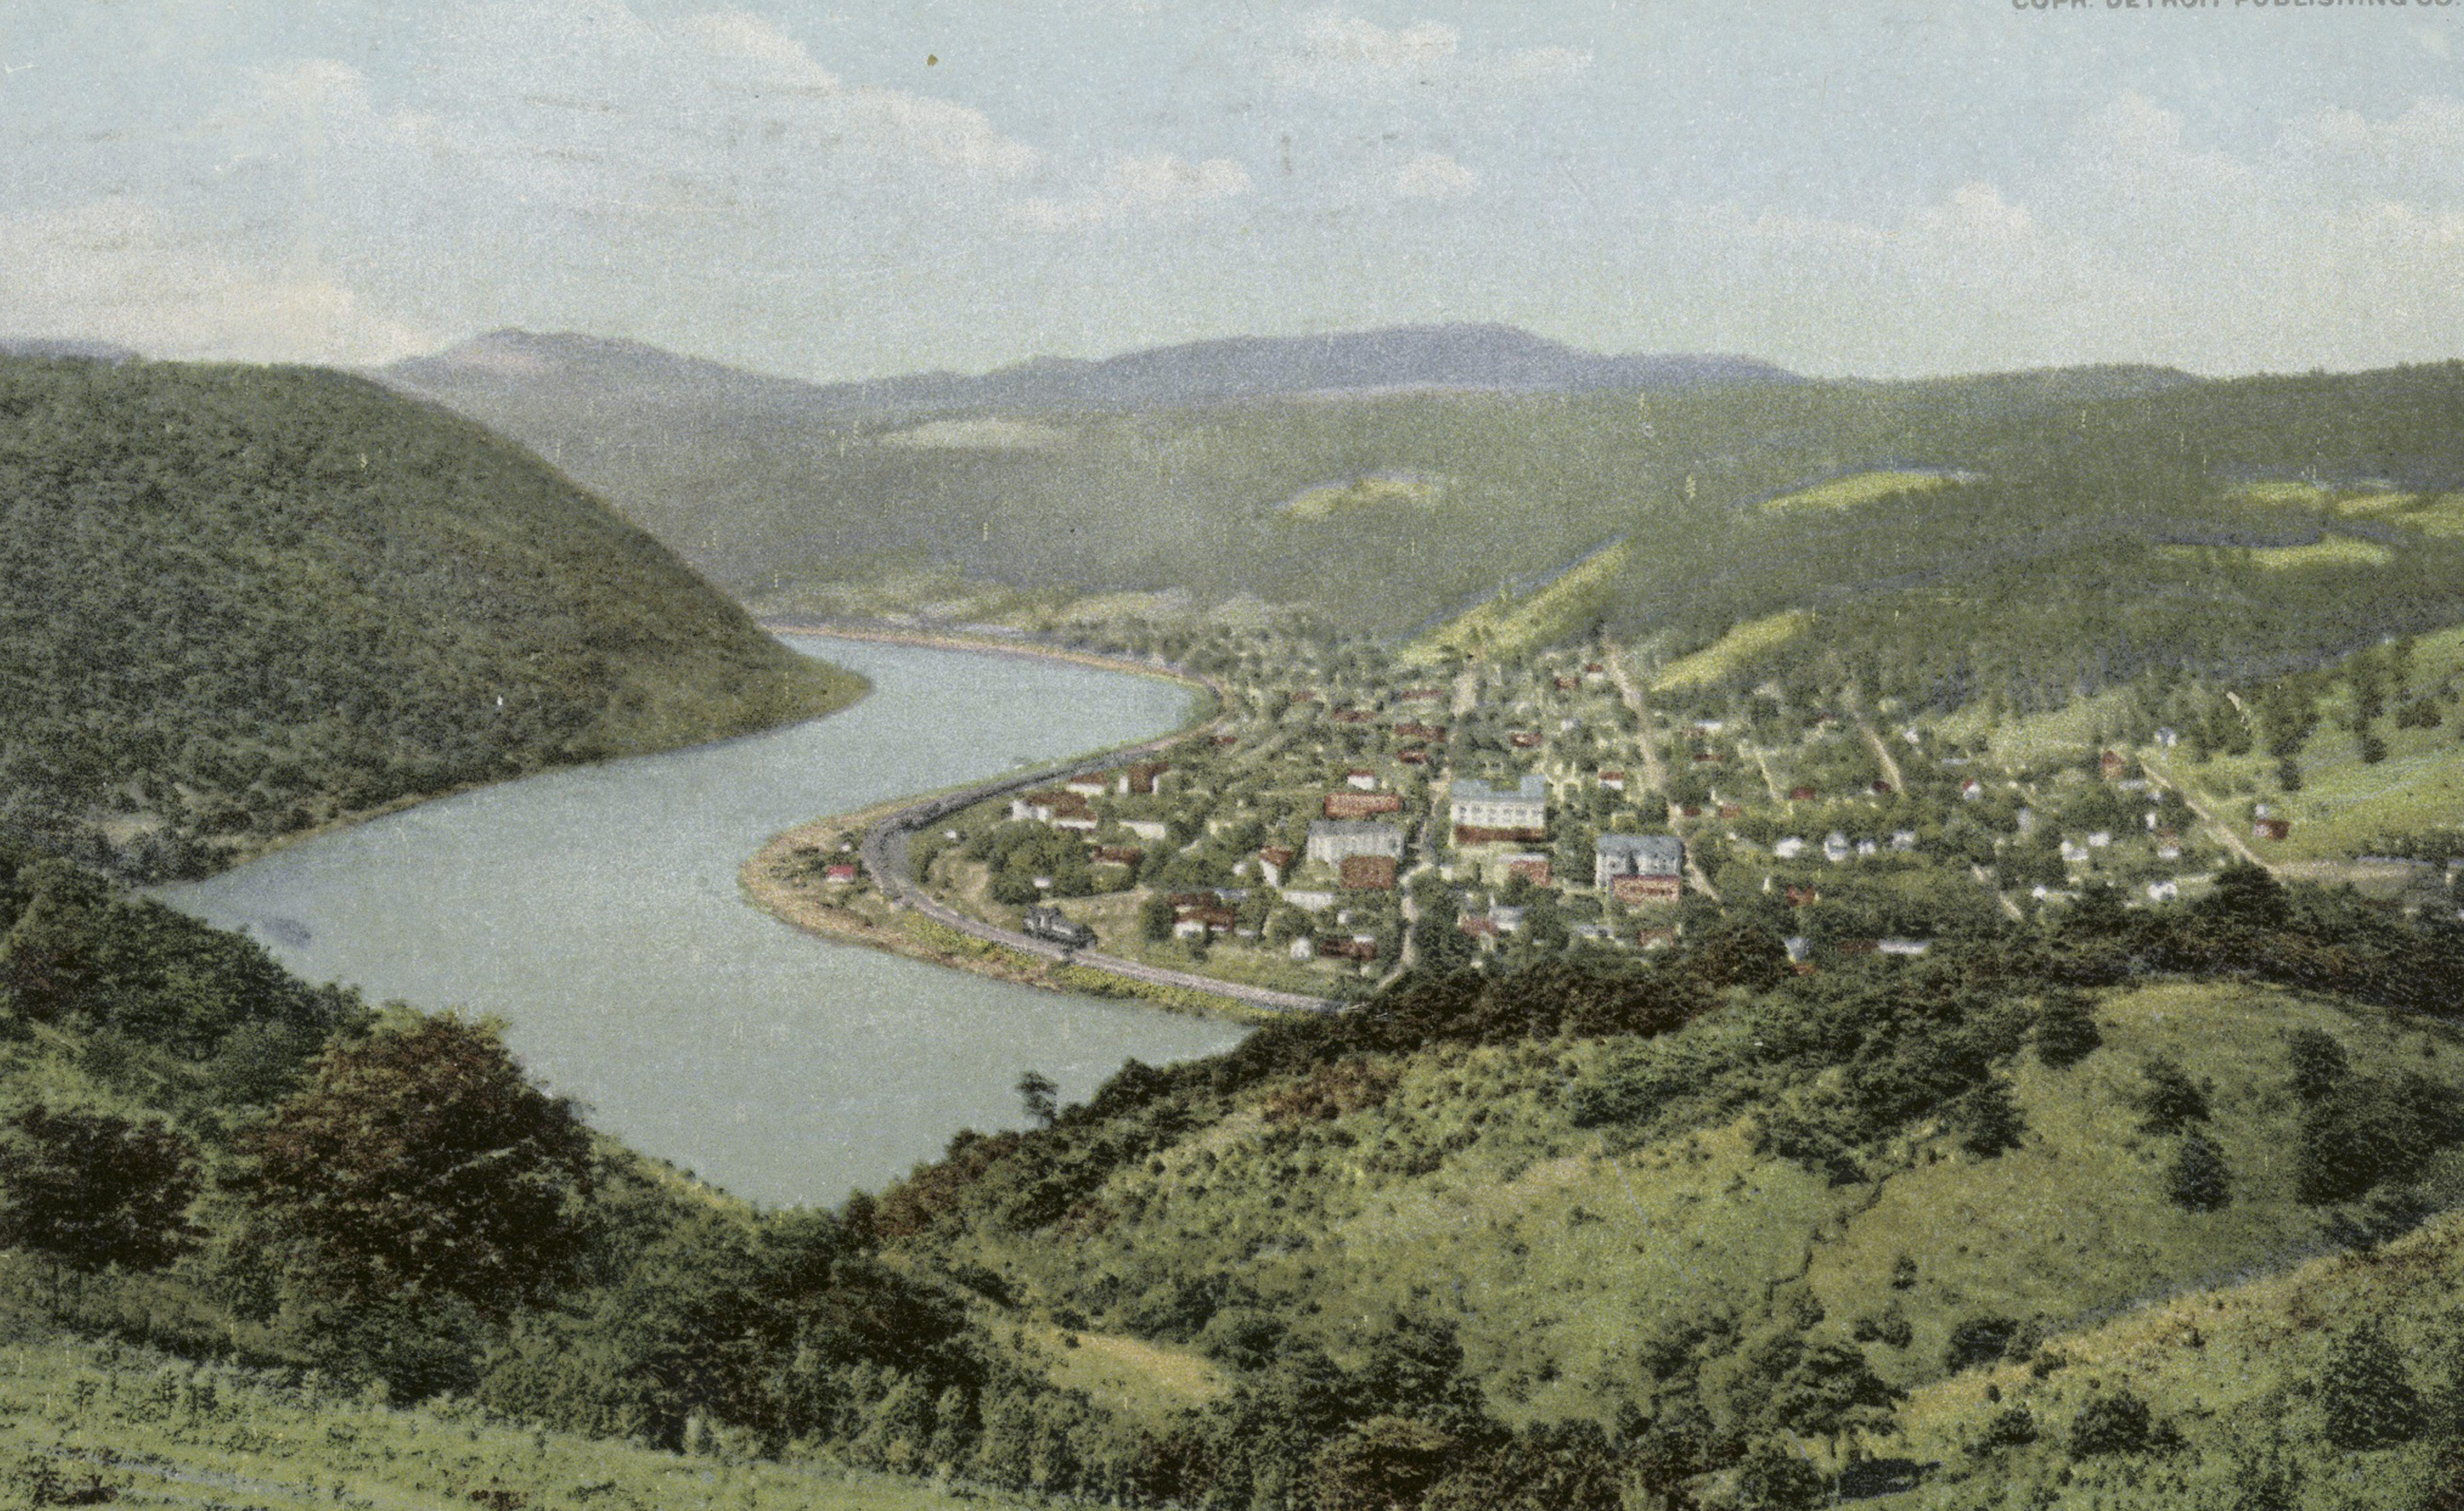 Detroit Publishing Company west virginia vintage postcard